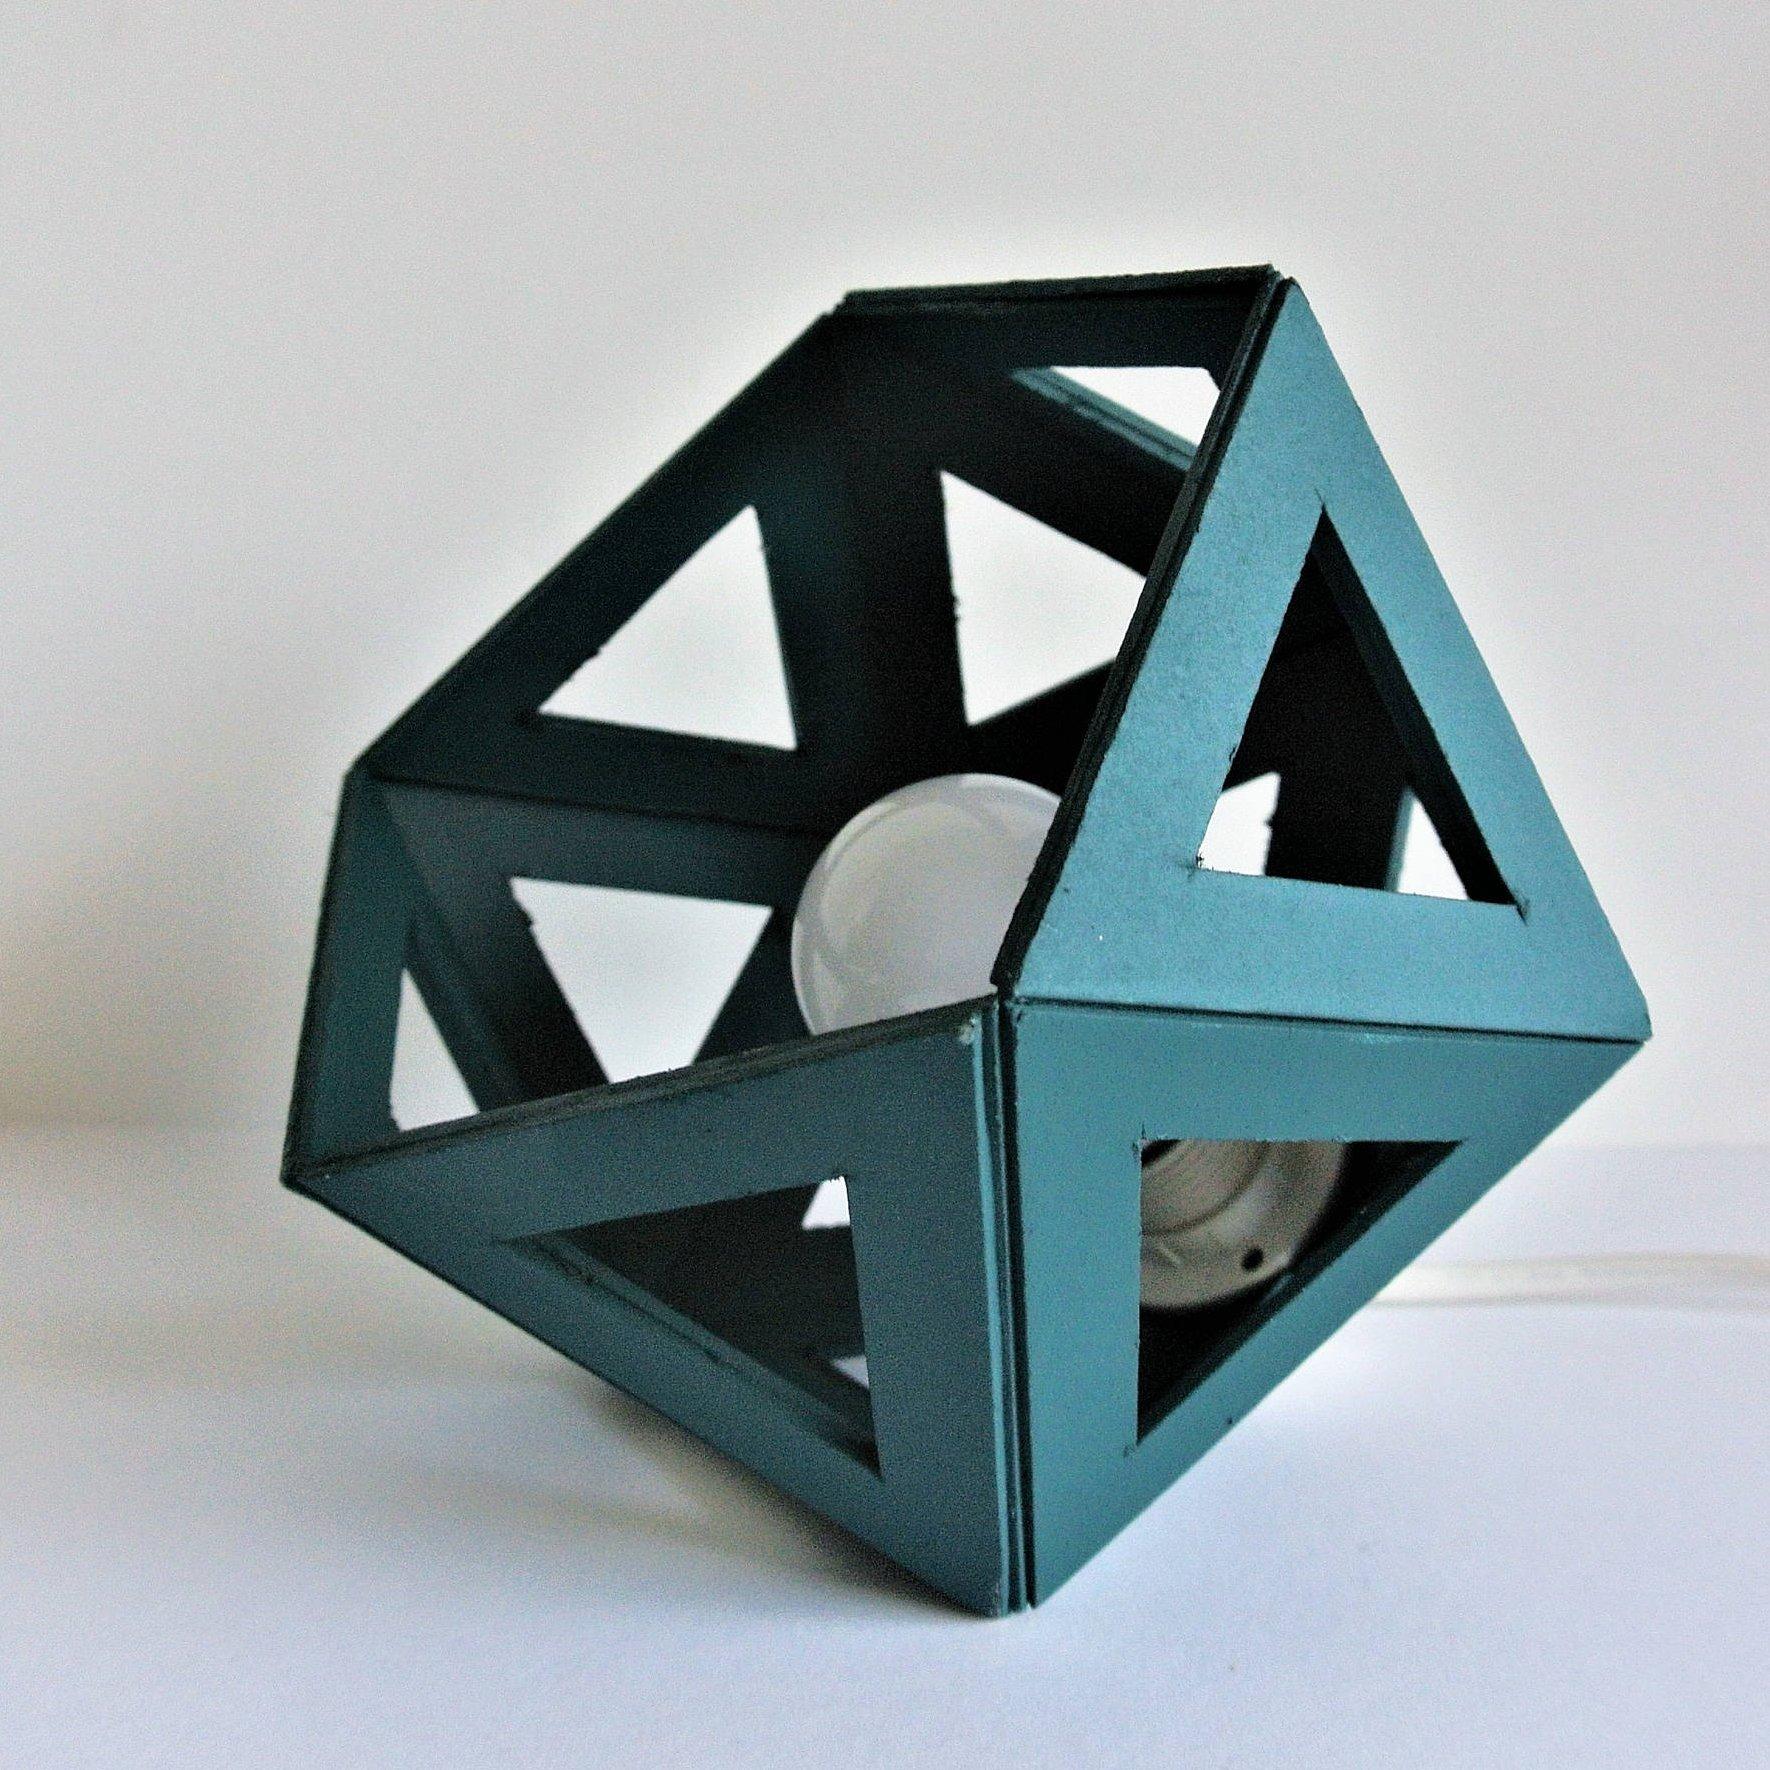 Petite Petite Lampe Origami Canard Petite Lampe Bleu Lampe avec Origami Canard